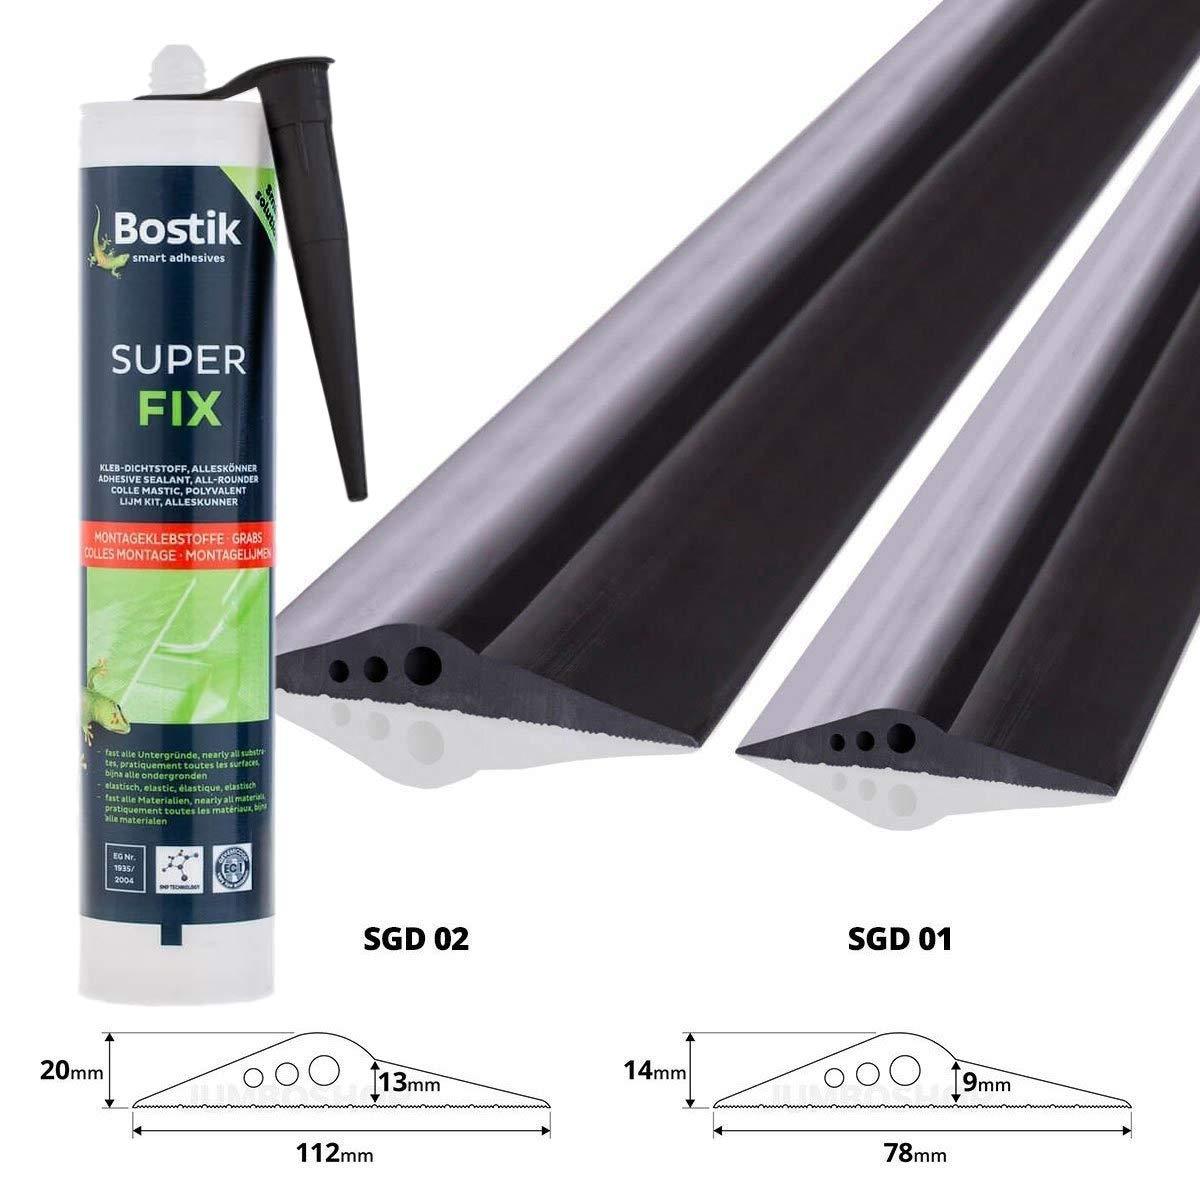 STEIGNER Junta de Garaje con Adhesivo de Montaje Umbral de Garaje de EPDM 3 m 14 mm x 78 mm SGD01: Amazon.es: Bricolaje y herramientas